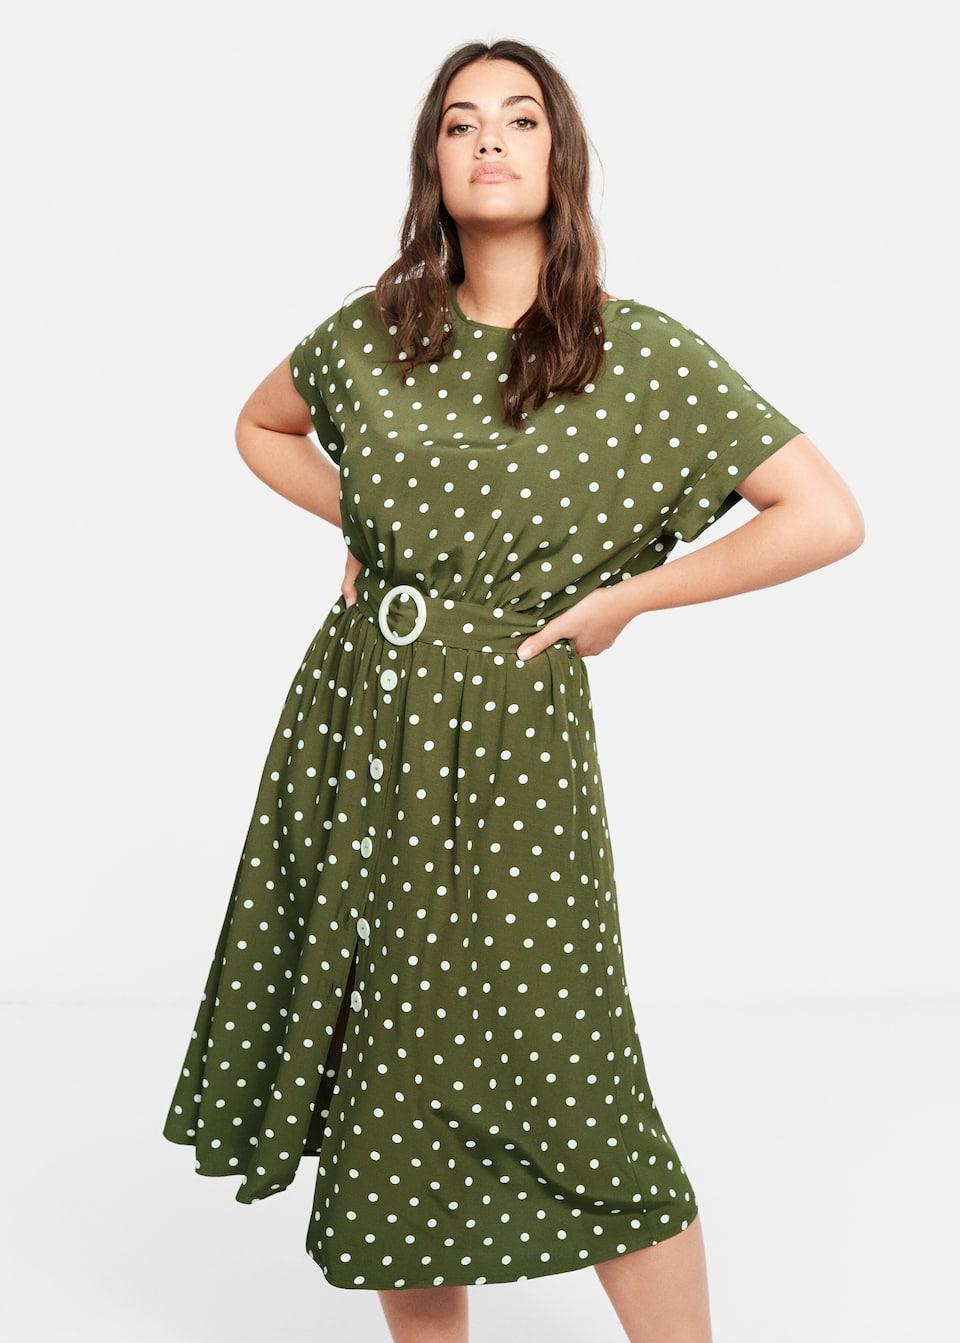 Modelos De Vestidos Casuales Para Damas 2017